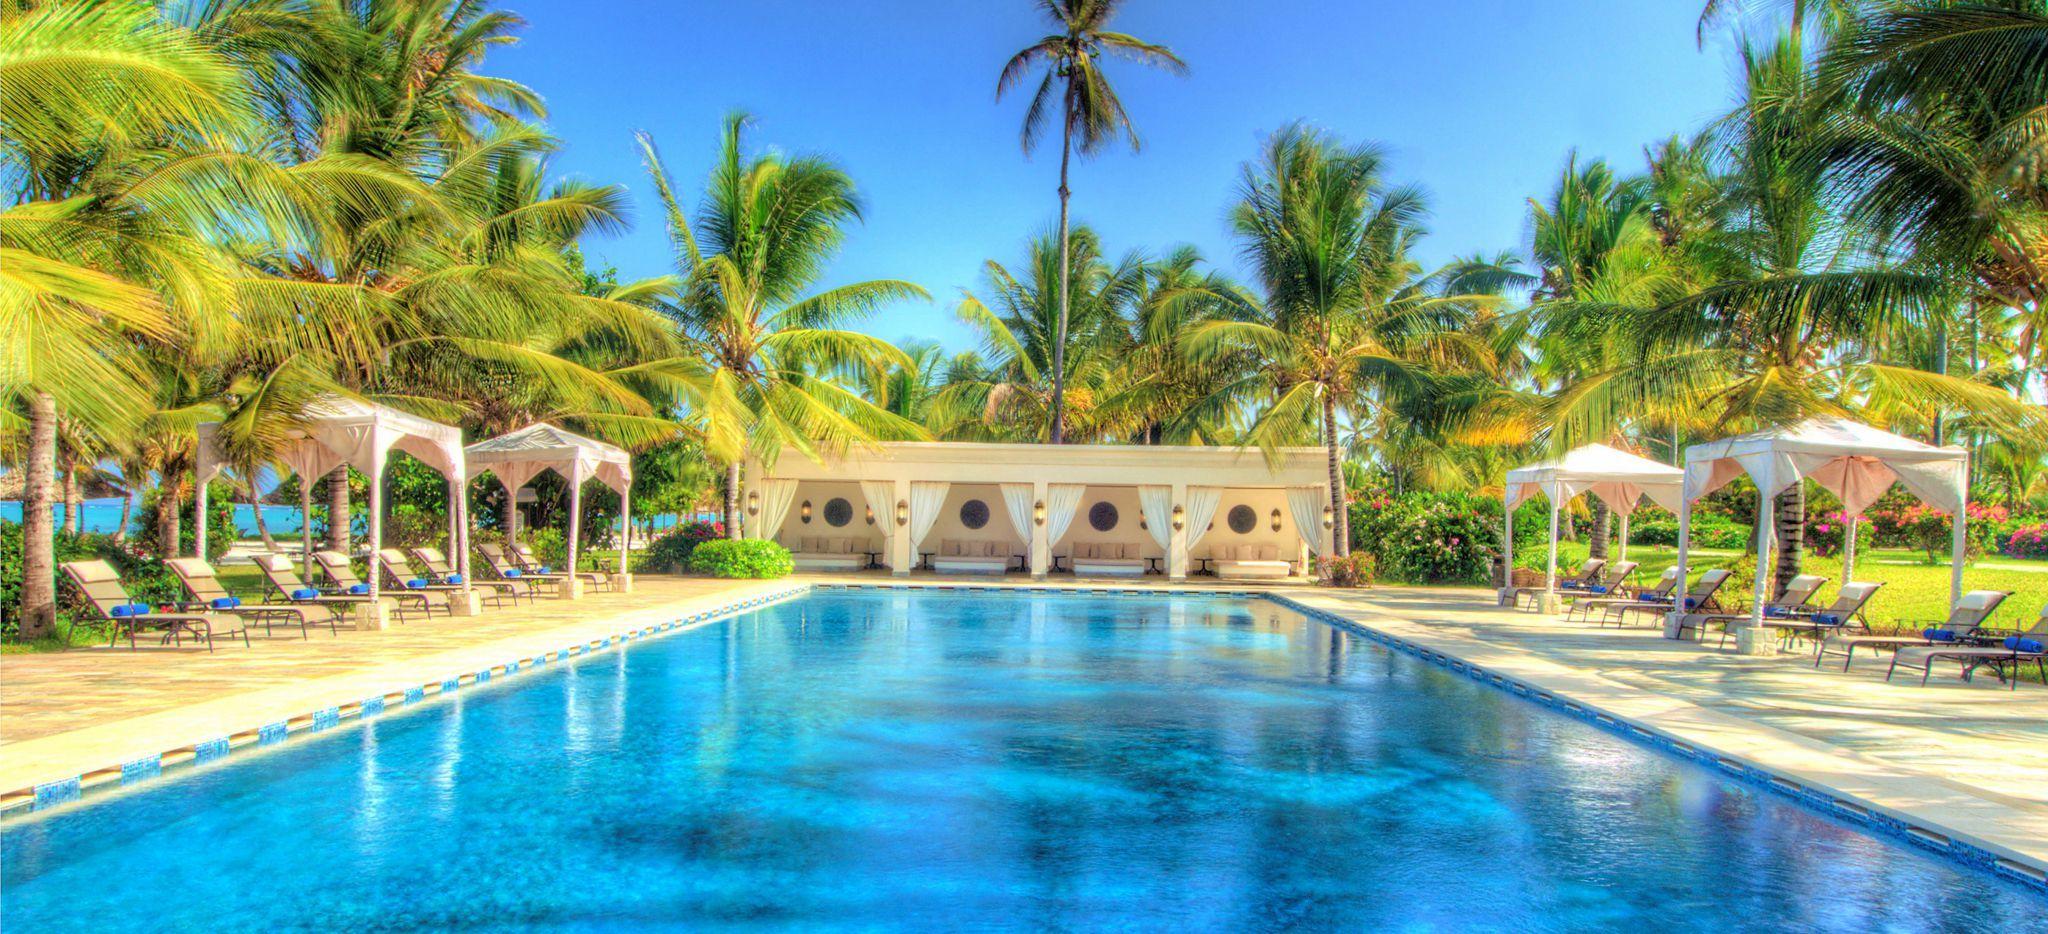 Ein Olympischer Pool, umringt von Sonnenschirmen, Strandliegen und einem omanisch-arabischem Haus